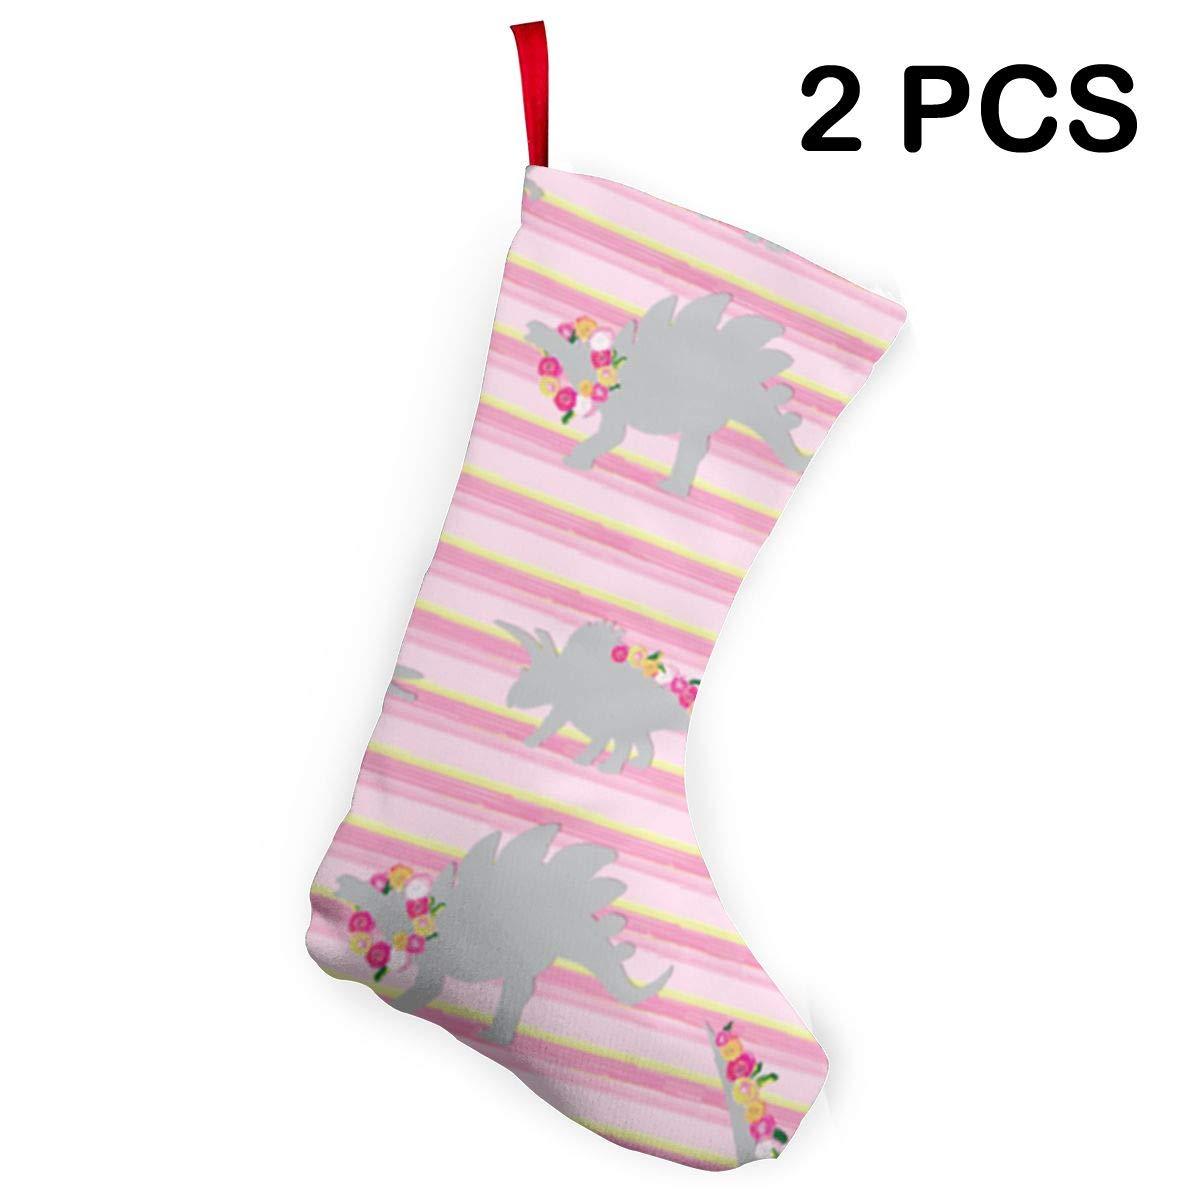 dee47fb23 Amazon.com: Game Life T-Rex Christmas Socks Santa Socks: Clothing